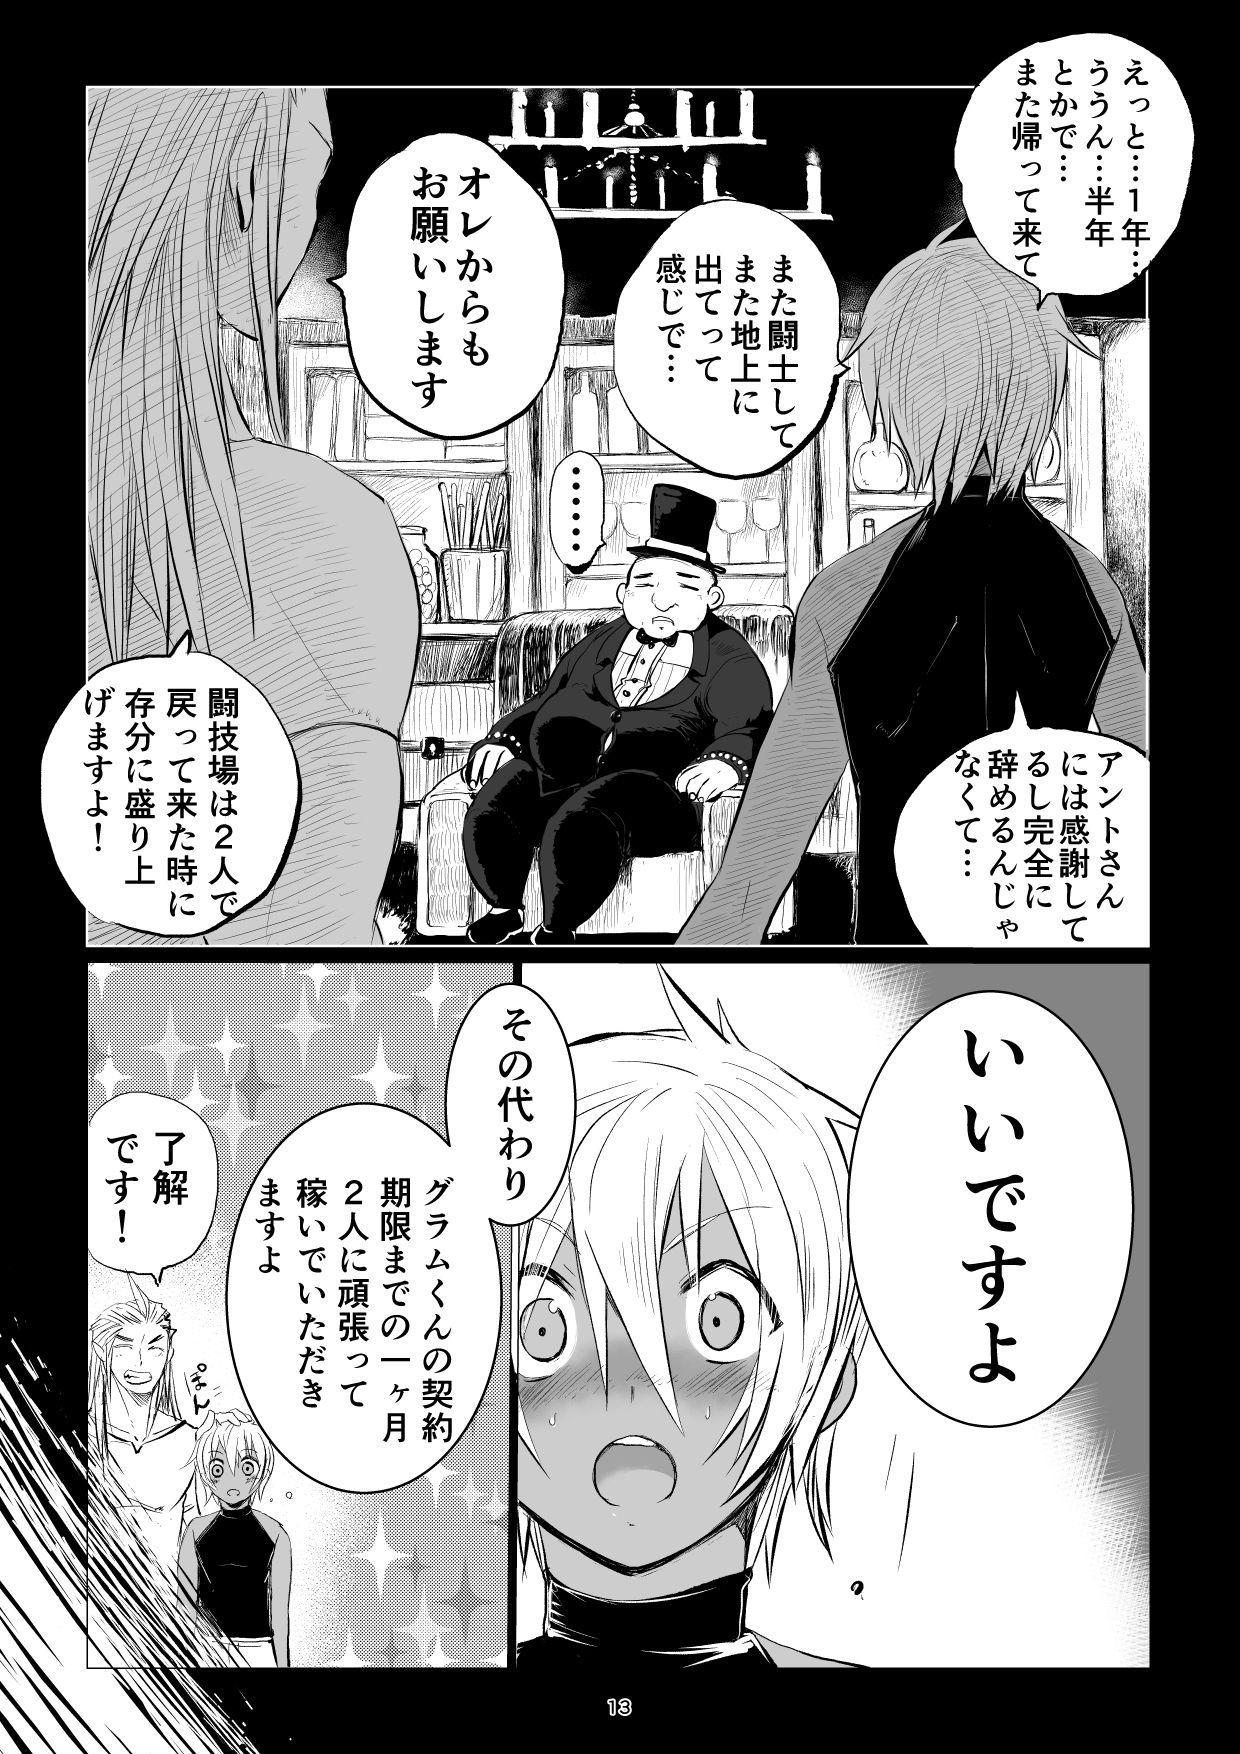 Meikyuu BADEND ep3 12